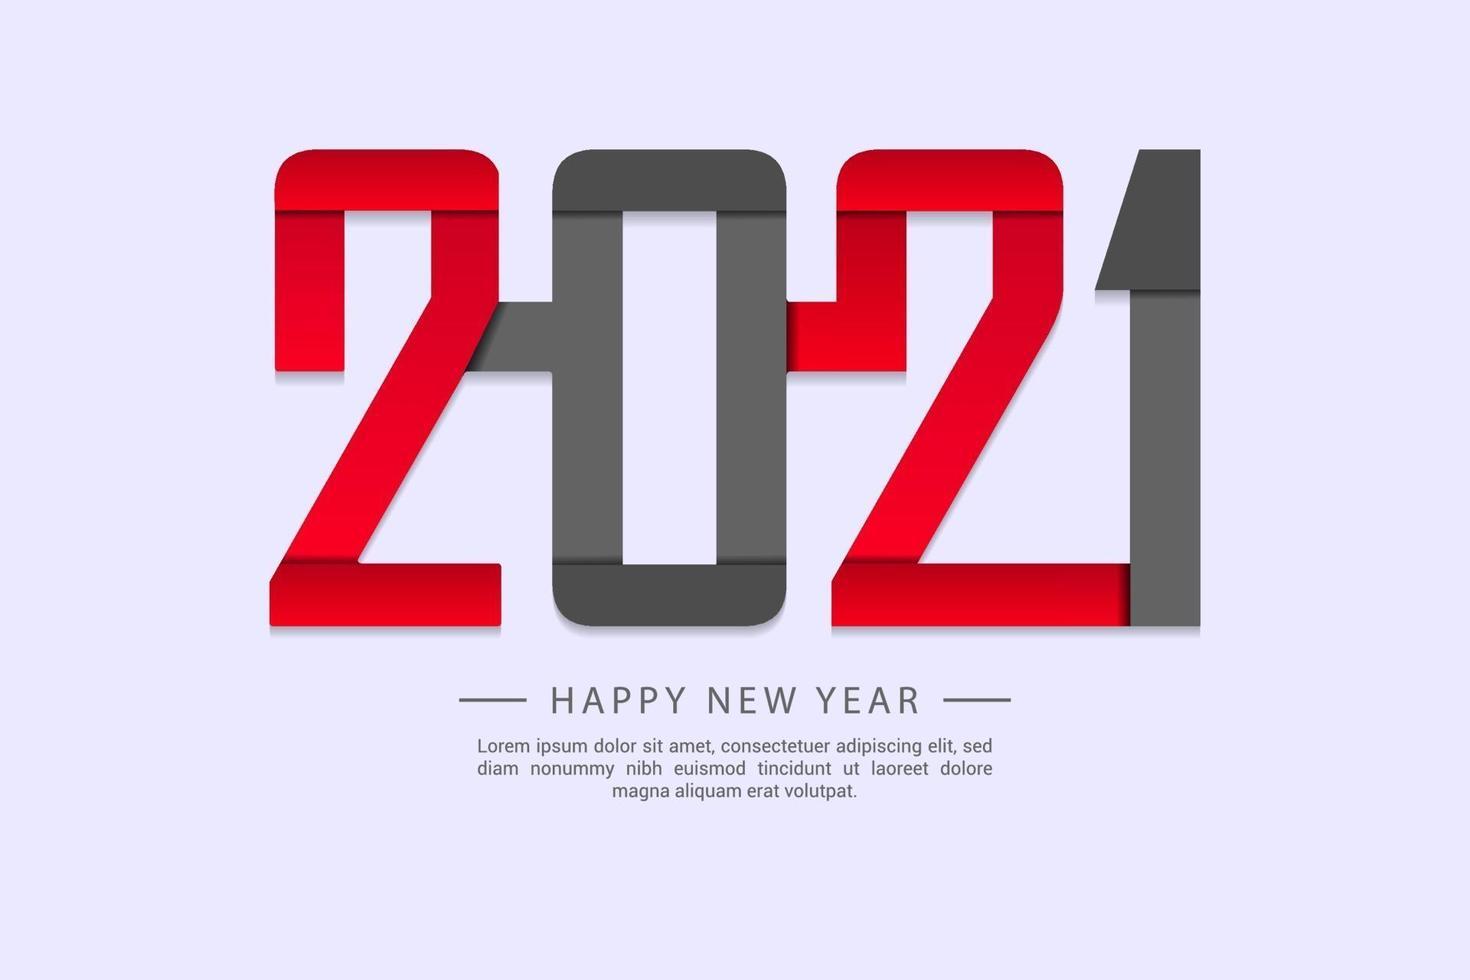 bonne année 2021 modèle de conception de texte pour cartes de voeux, affiche, bannière, illustration vectorielle. vecteur